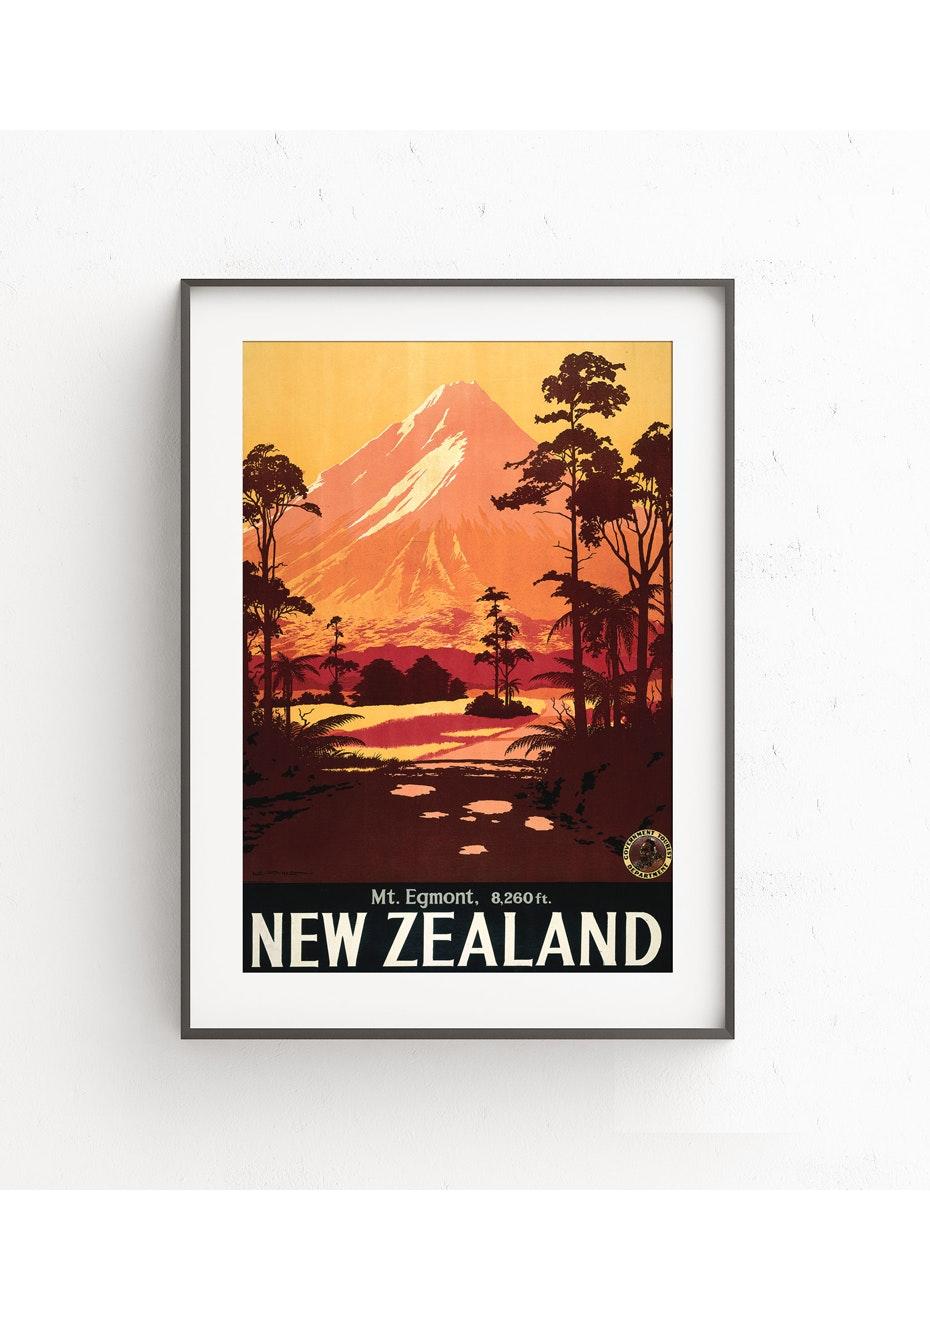 Mt Egmont Vintage Tourist Print - A2